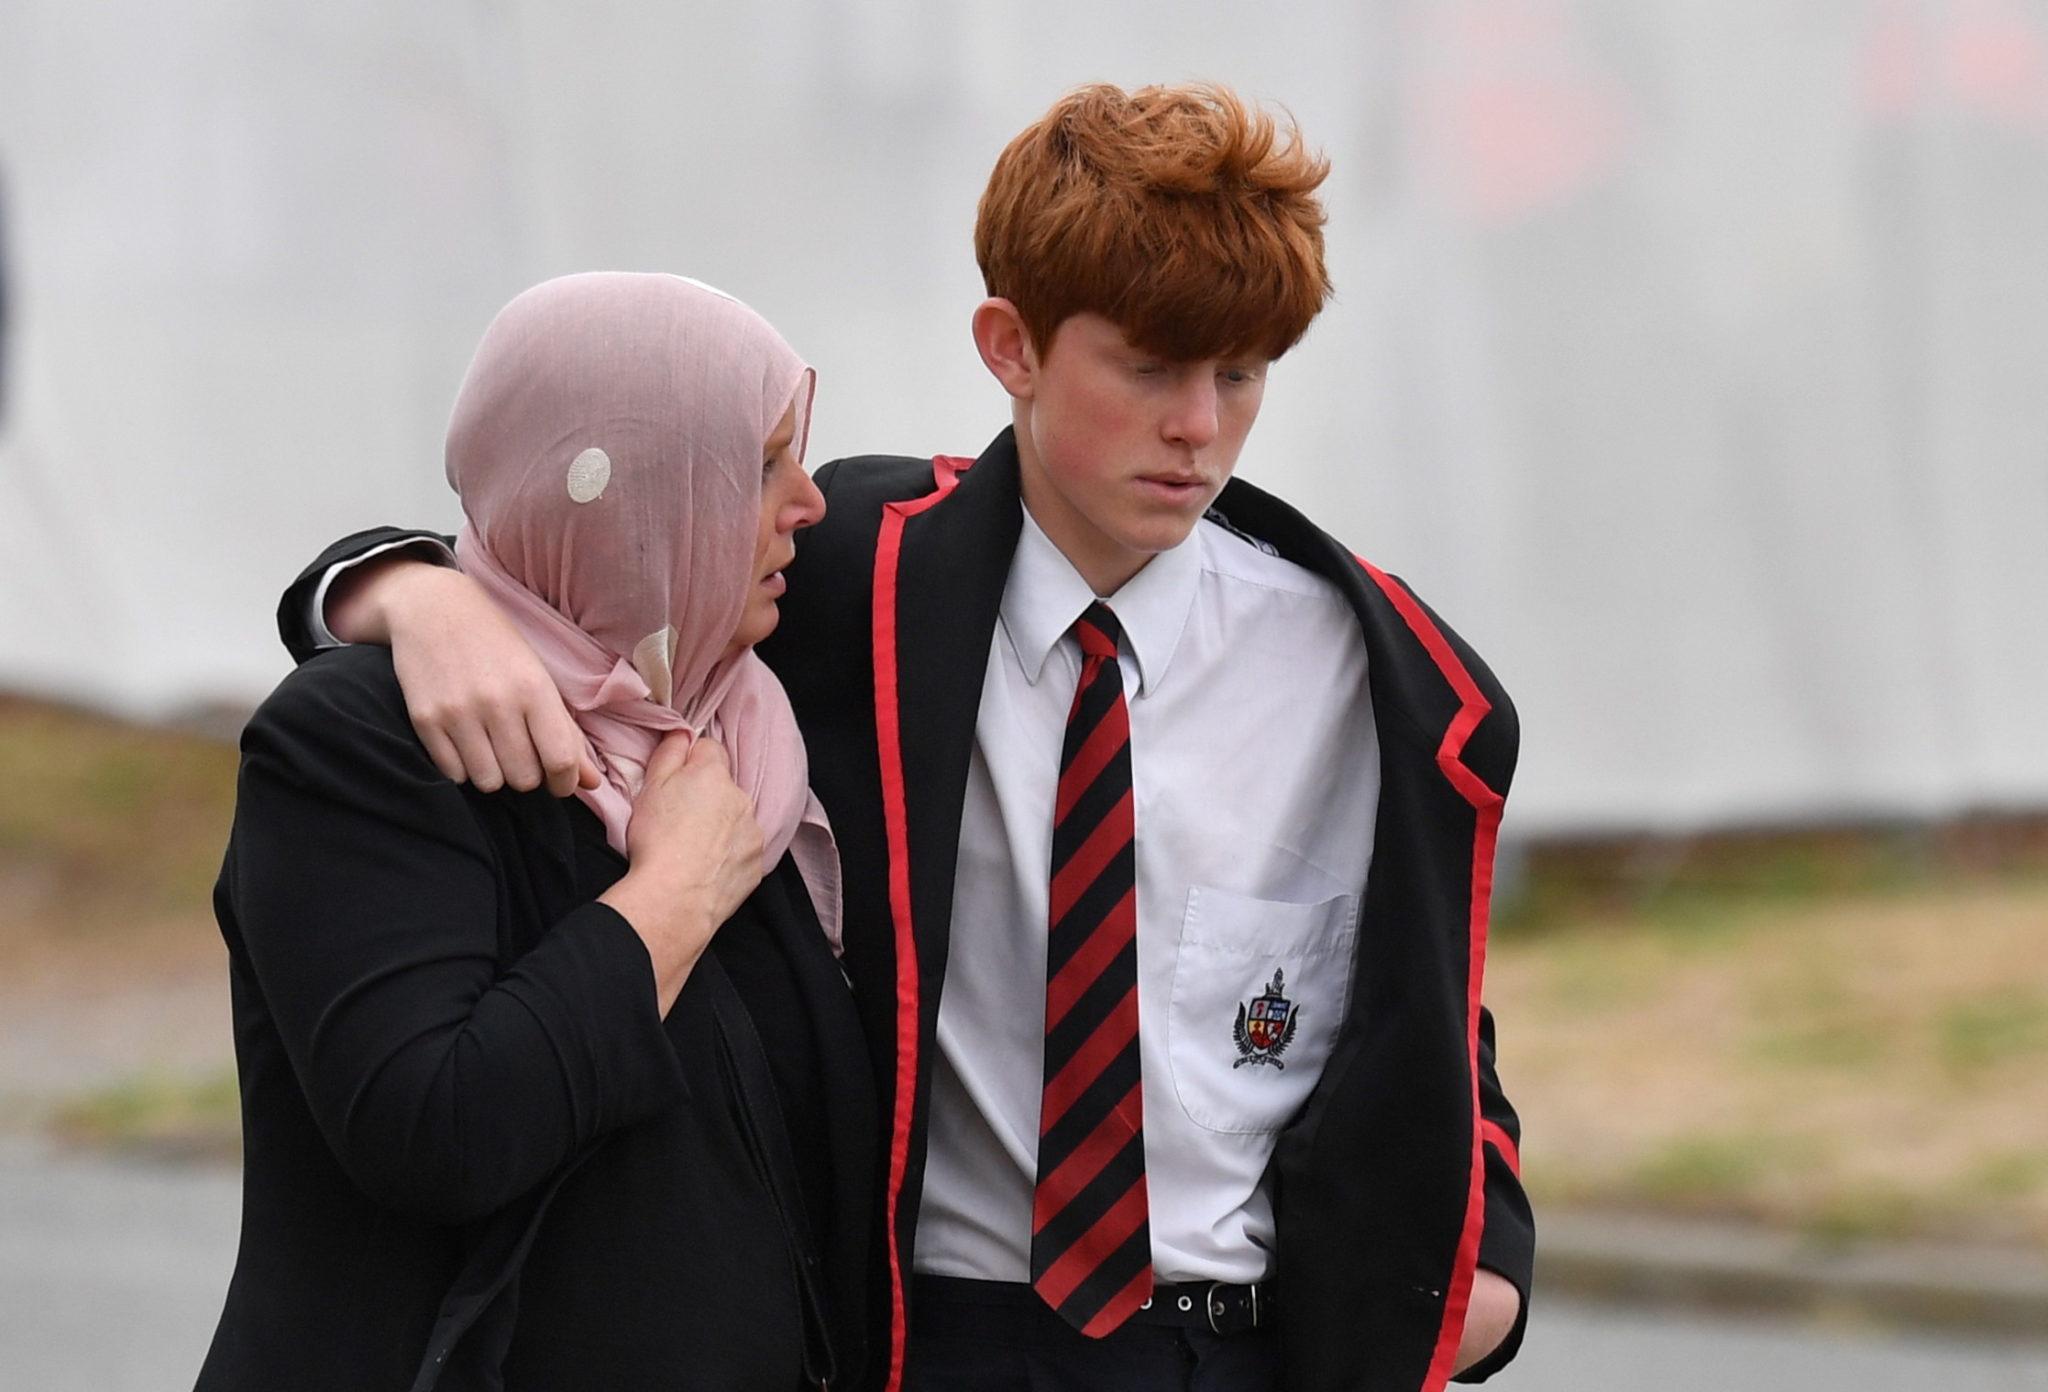 Żałoba i solidarność w Nowej Zelandii po zamachach. Trwają pogrzeby ofiar